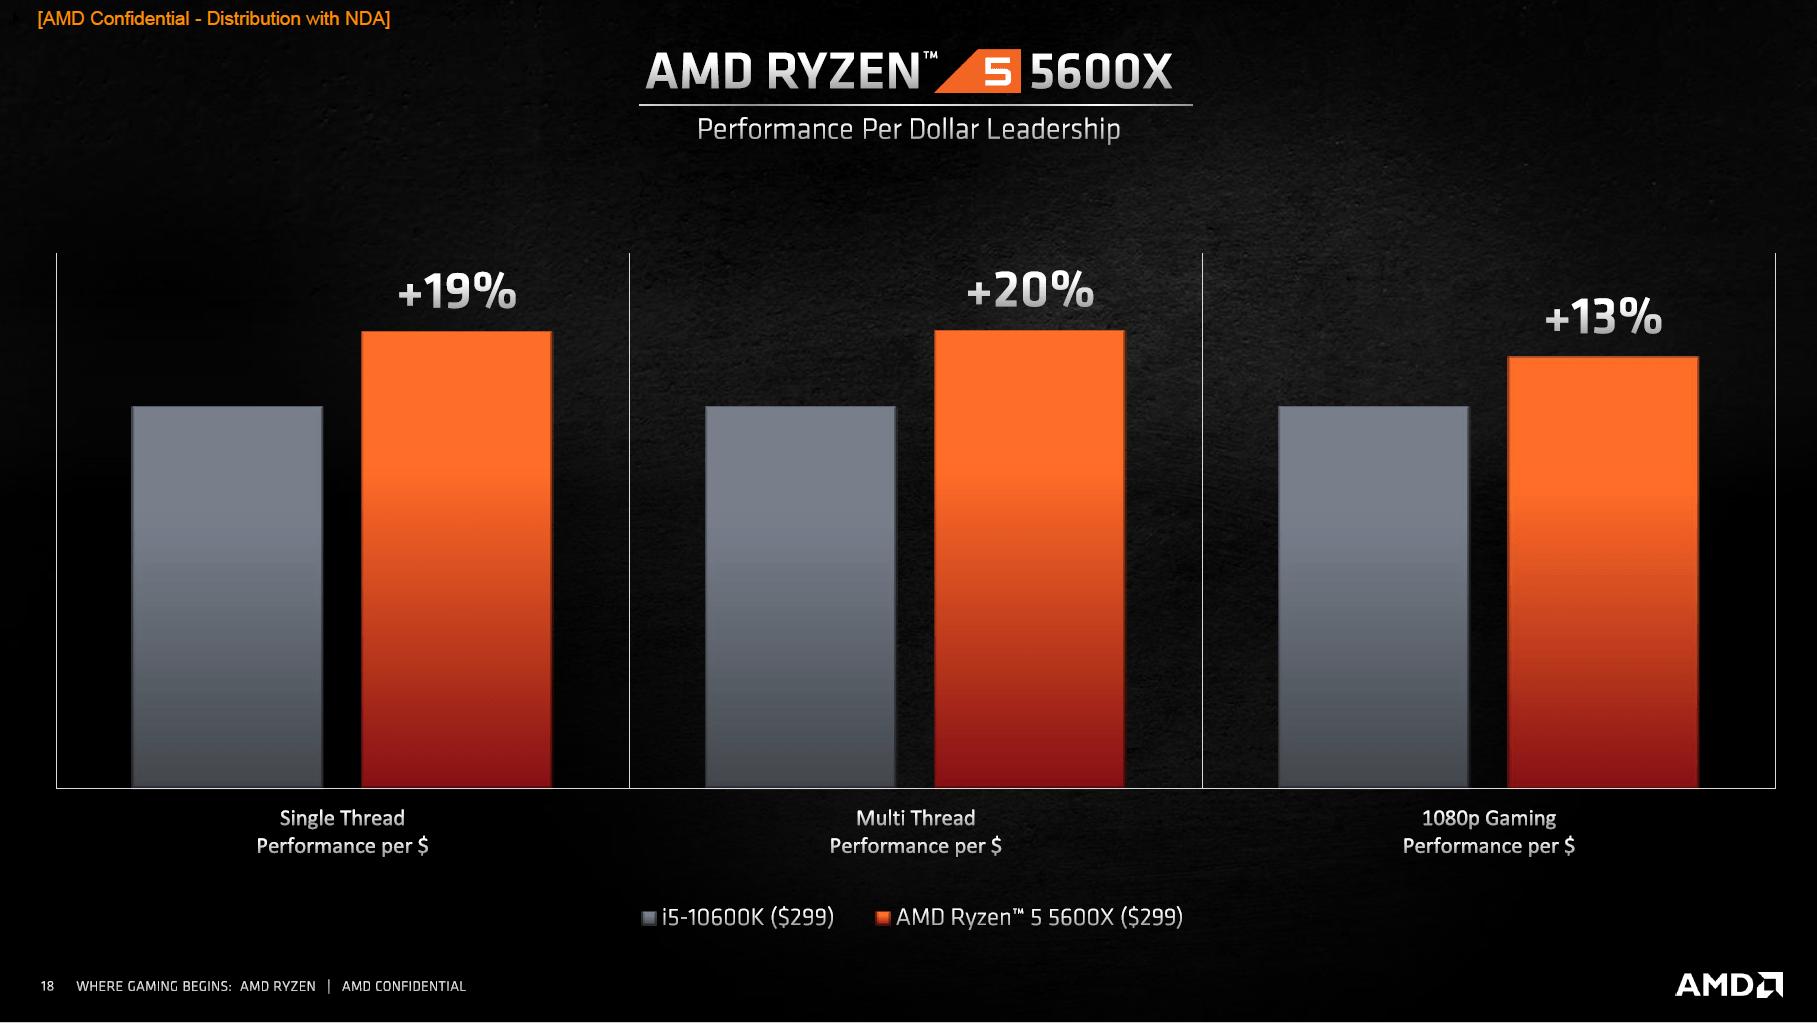 AMD Ryzen 5 5600X vs. Intel Core i5-10600K